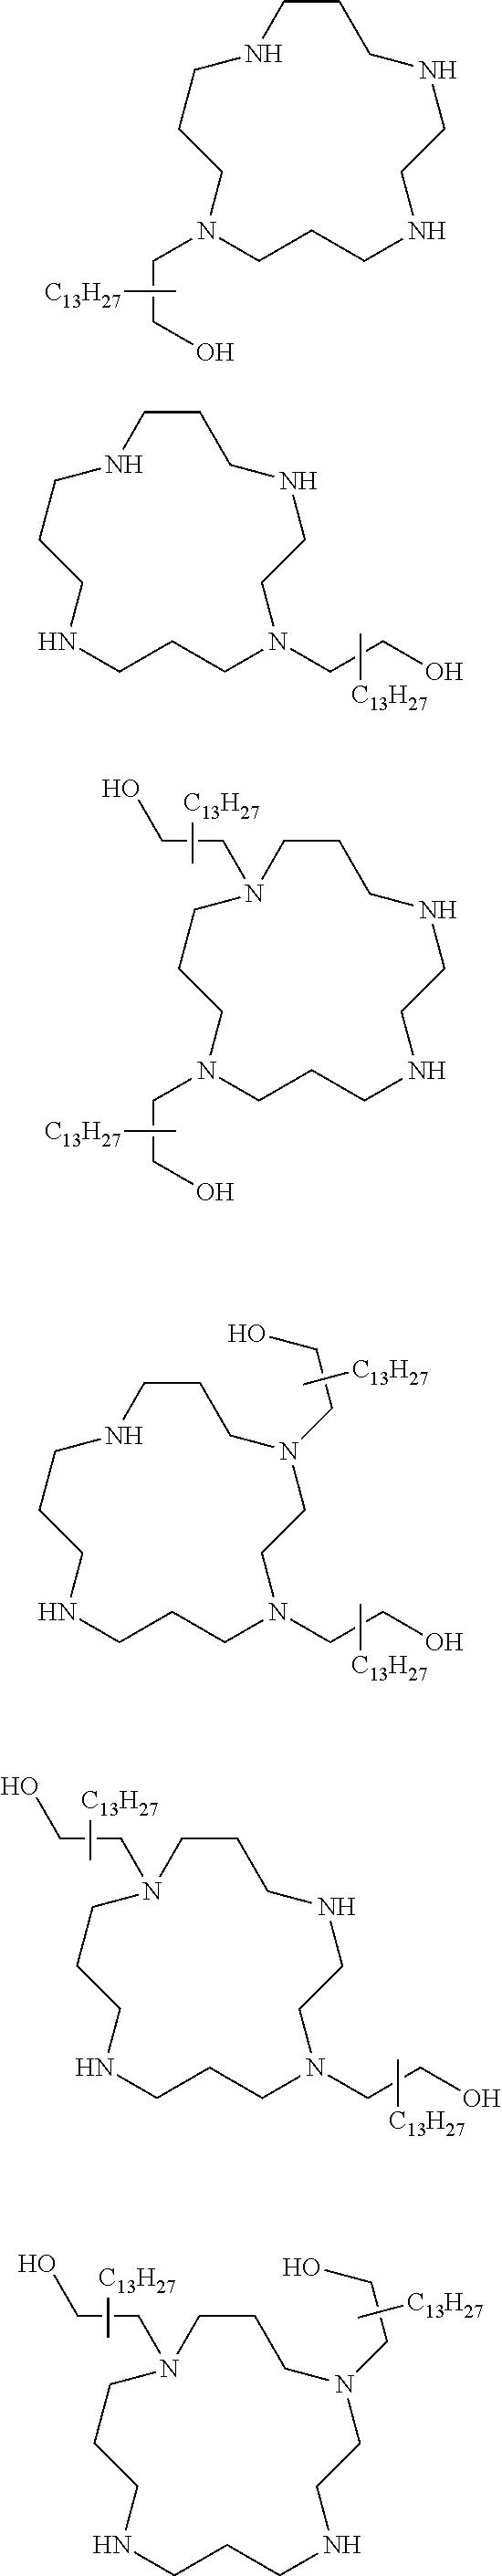 Figure US09238716-20160119-C00281